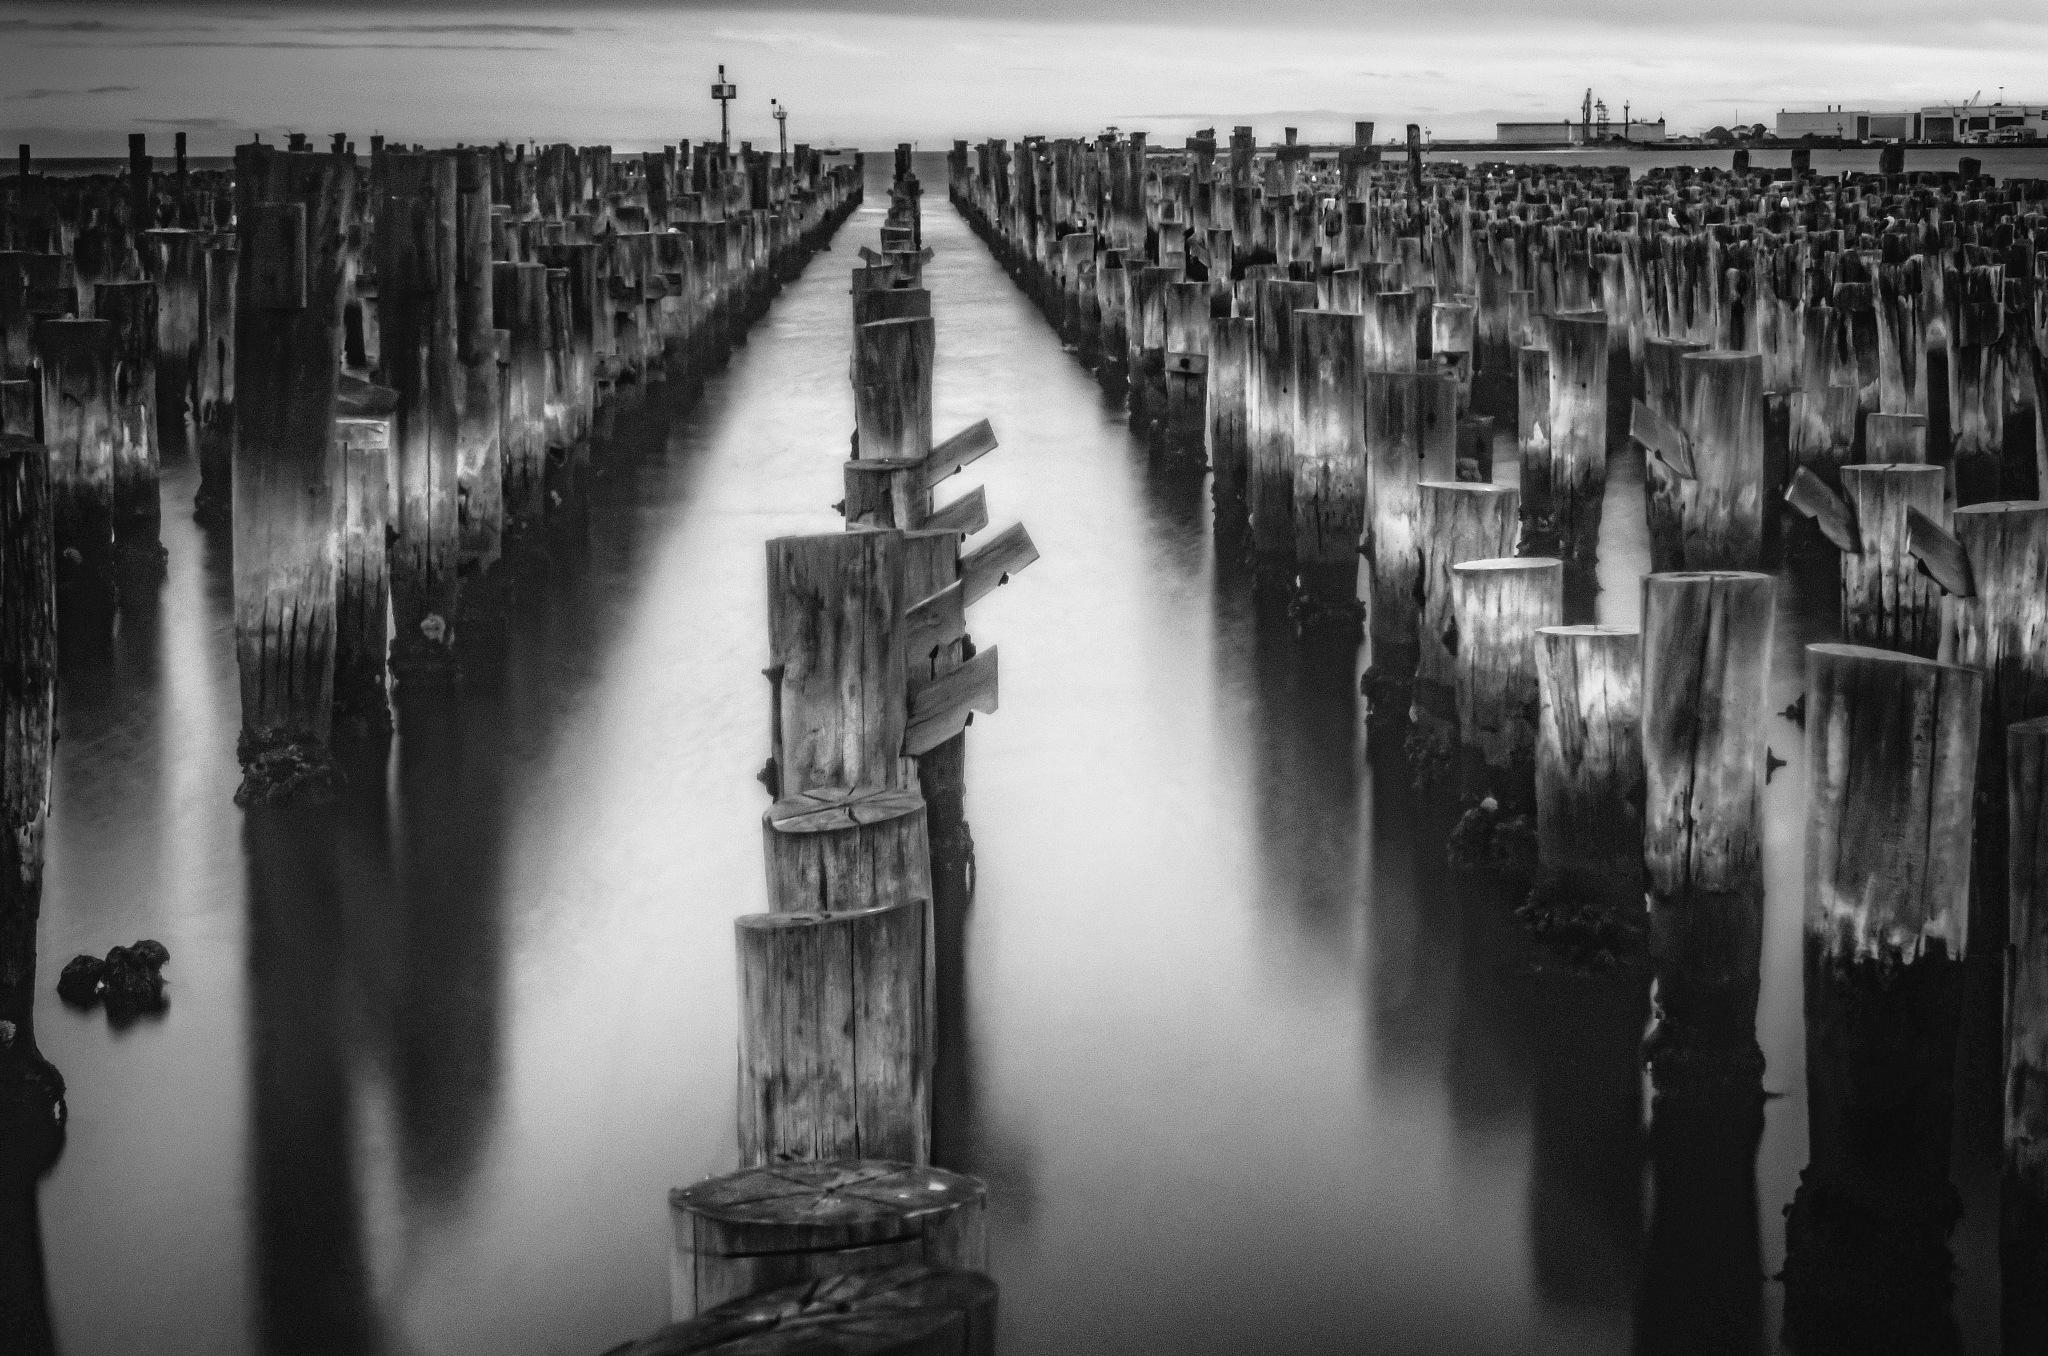 Pillars-Princess Pier by Spiros Miaris